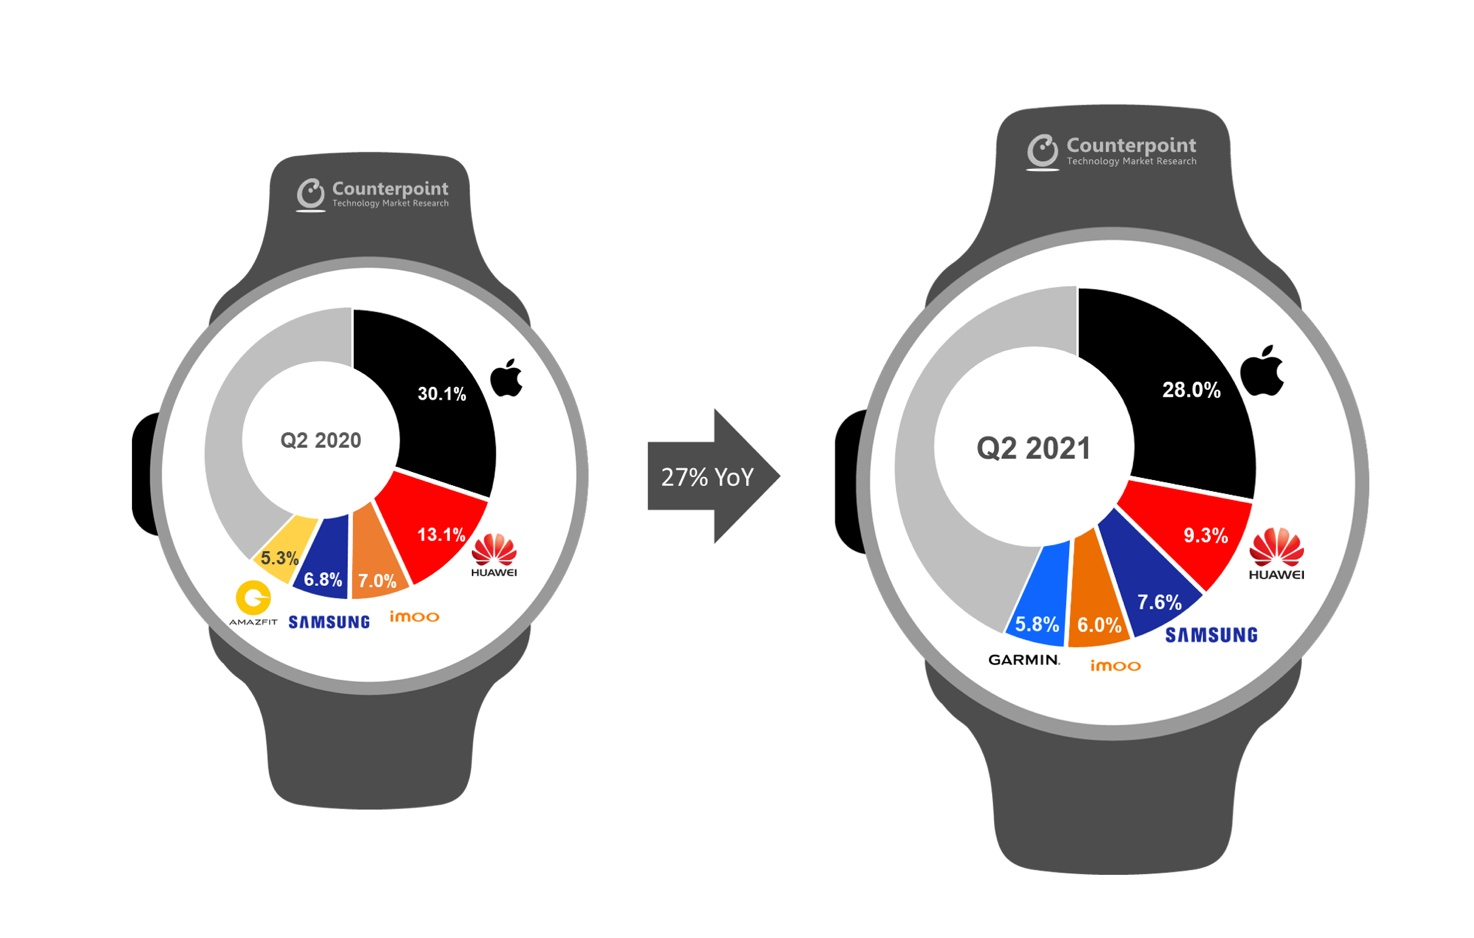 Apple Watch Huawei Samsung Garmin dostawy smartwatchy w drugim kwartale 2021 roku